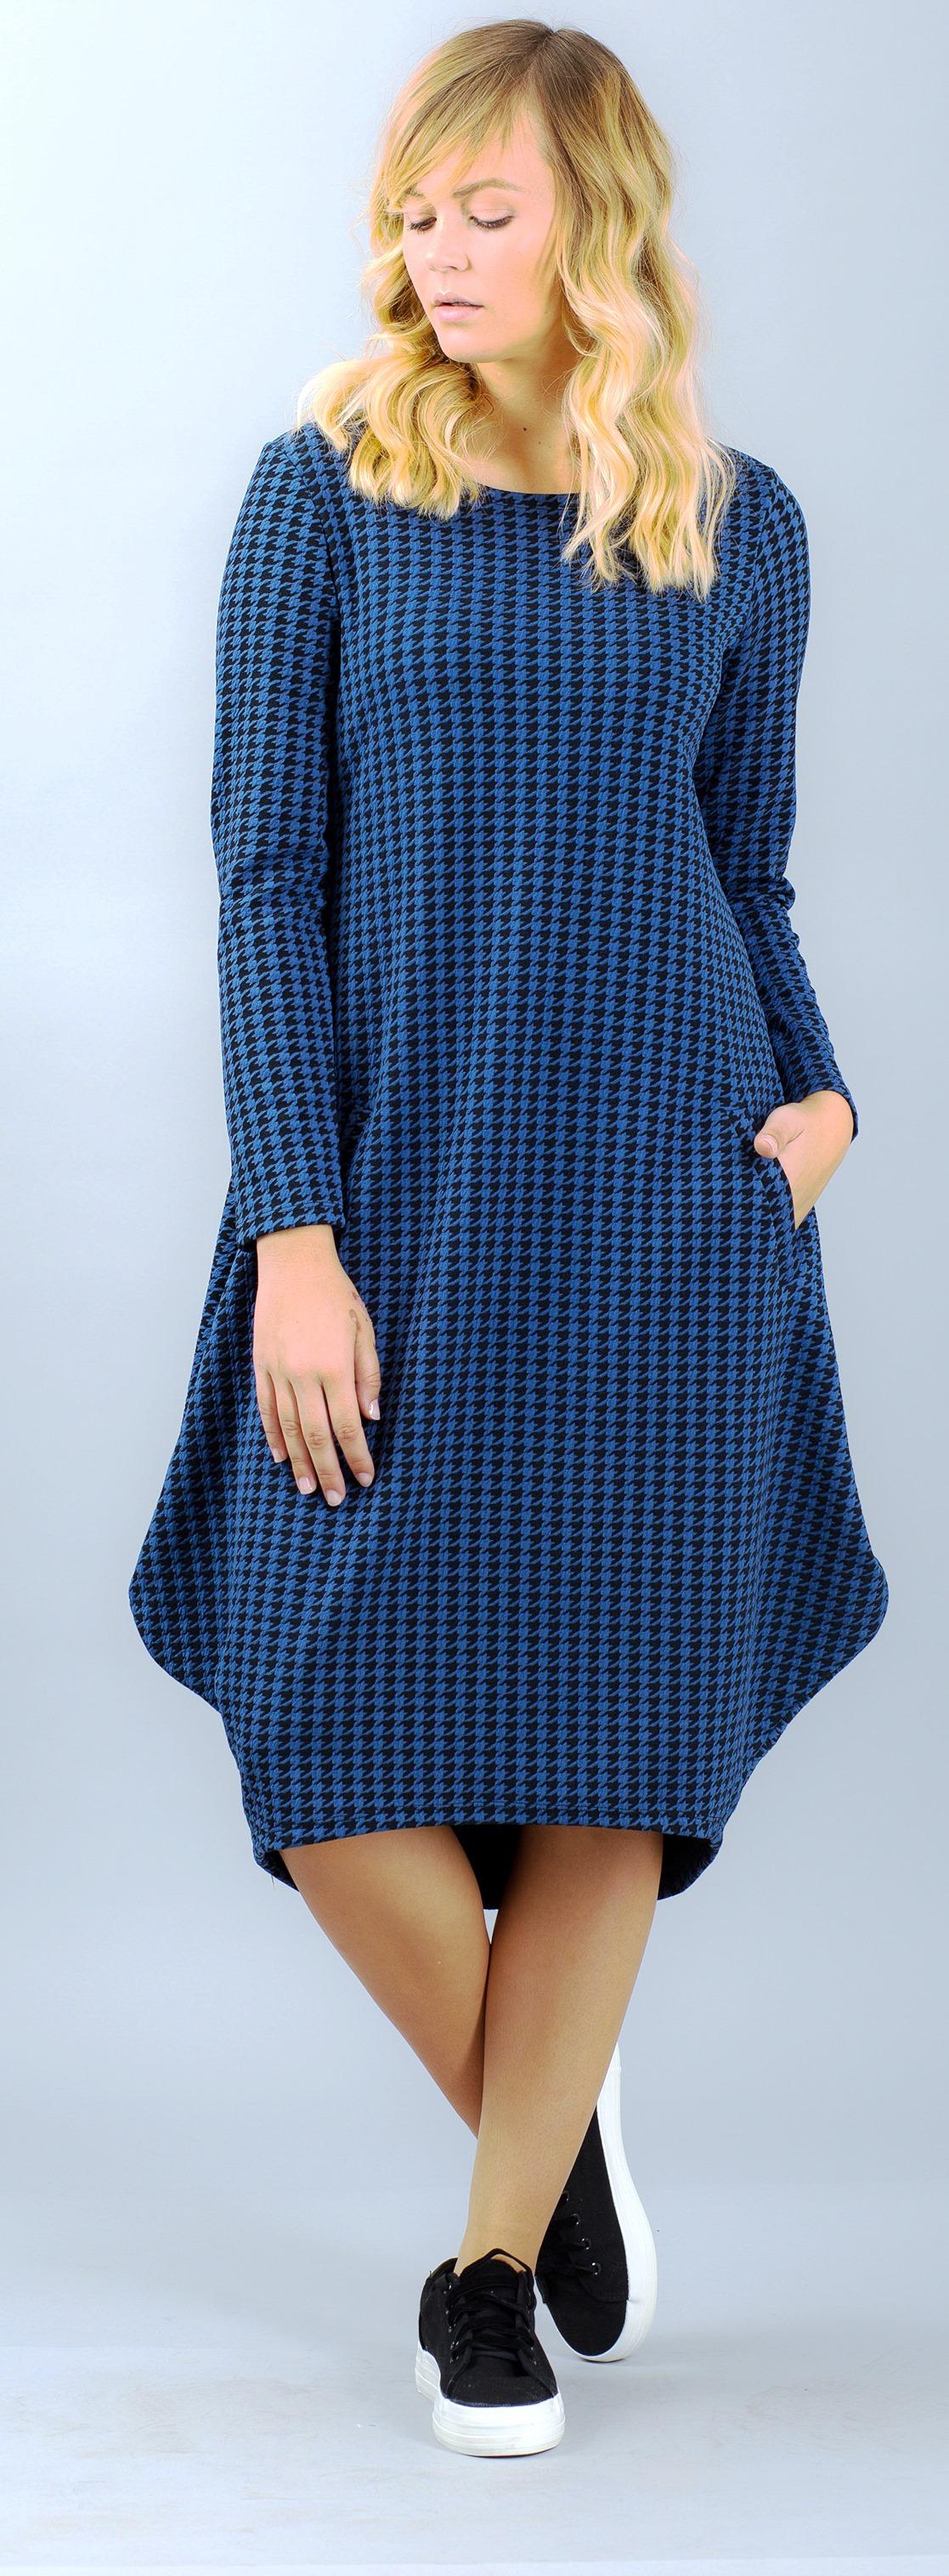 שמלה של הילה בשבוע אופנת המידות הגדולות. צילום אריק סולטן